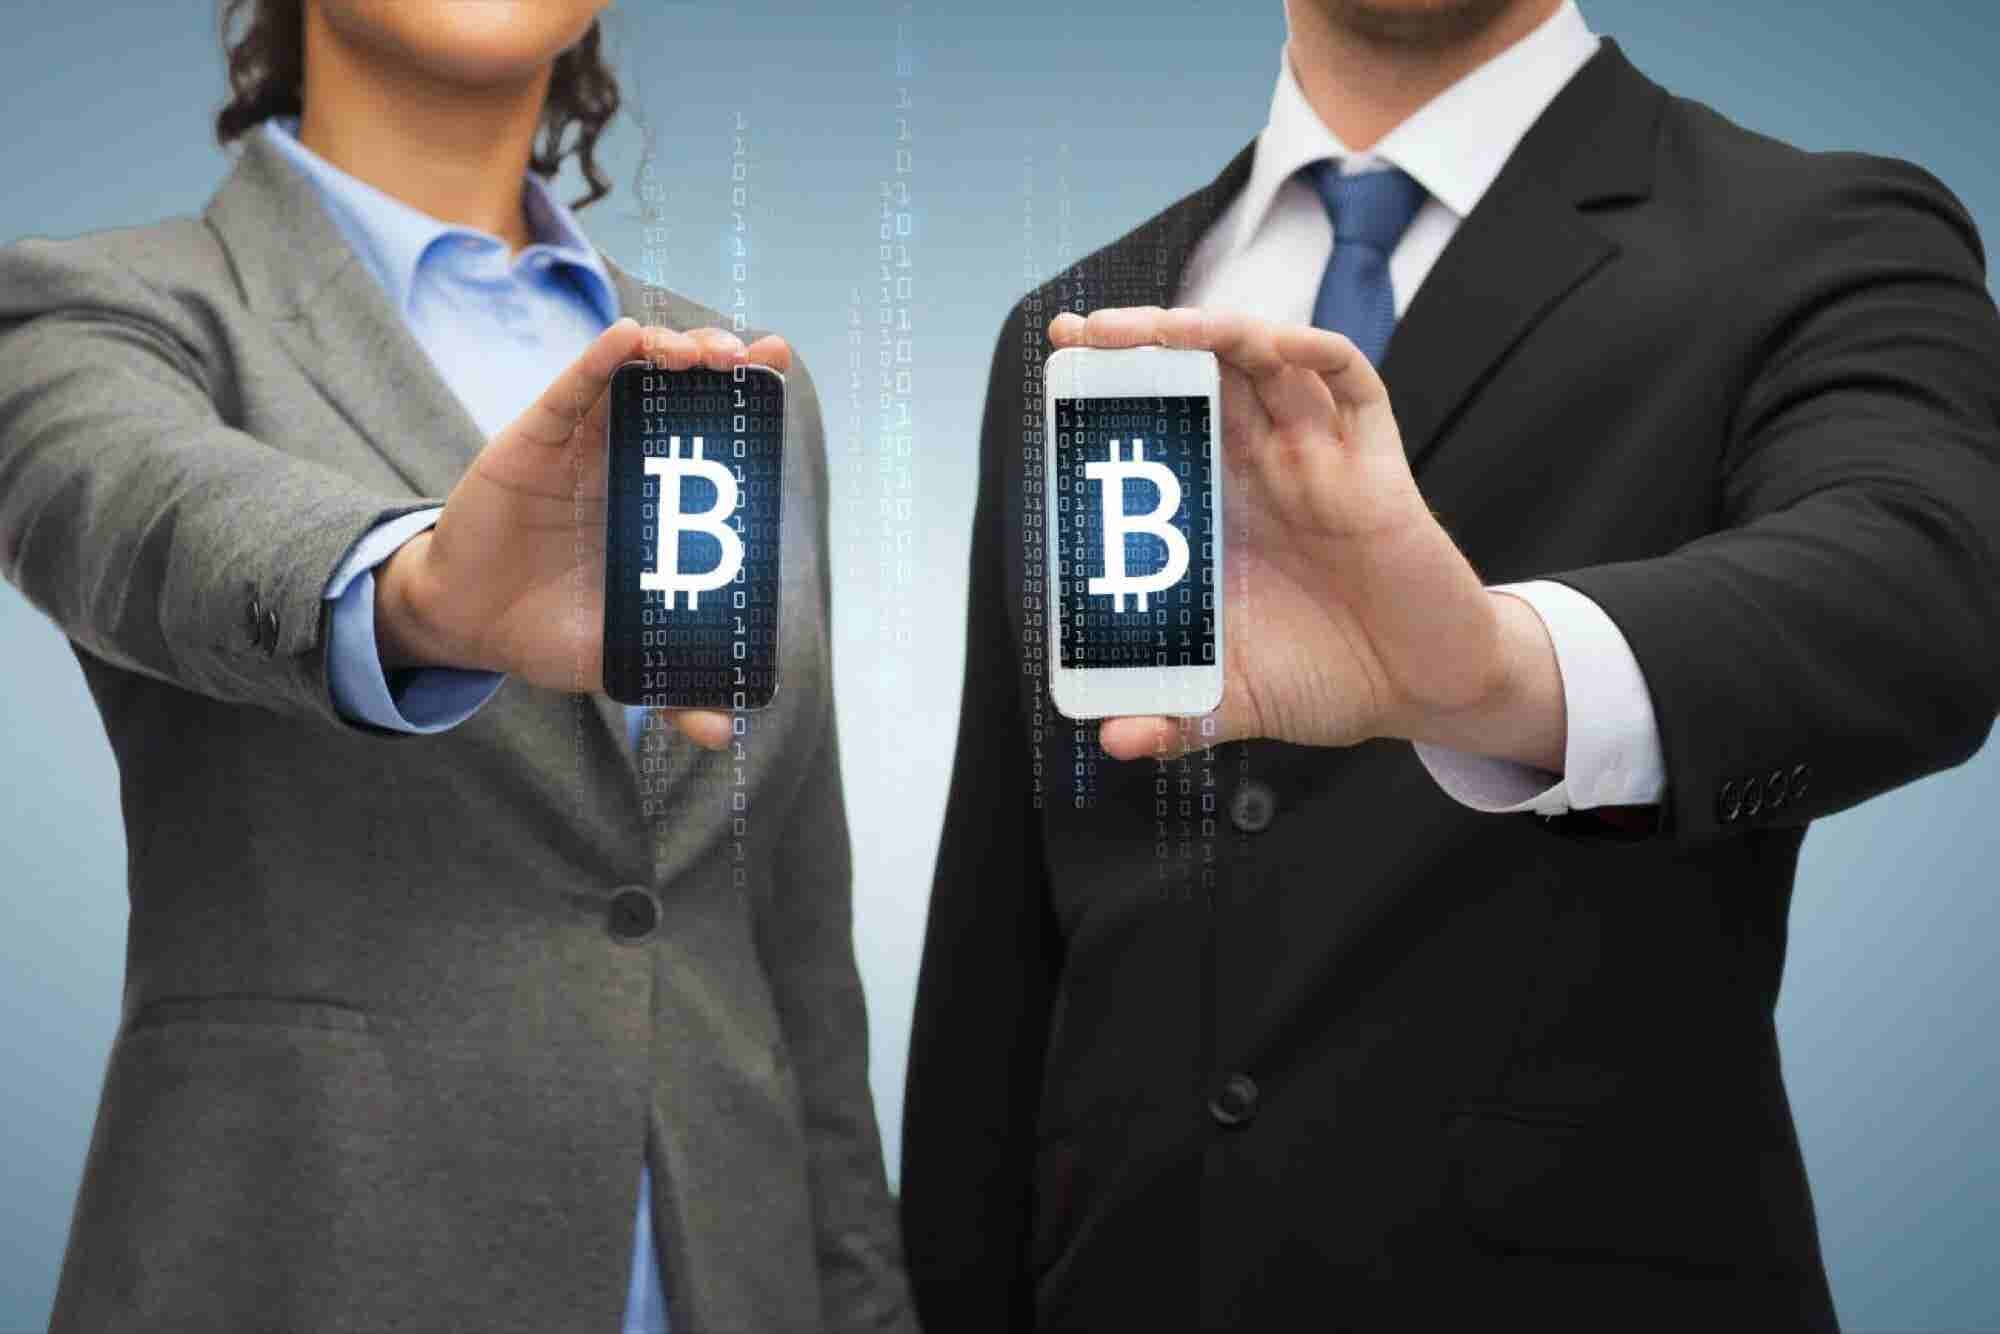 La red social que surge para amantes del bitcoin